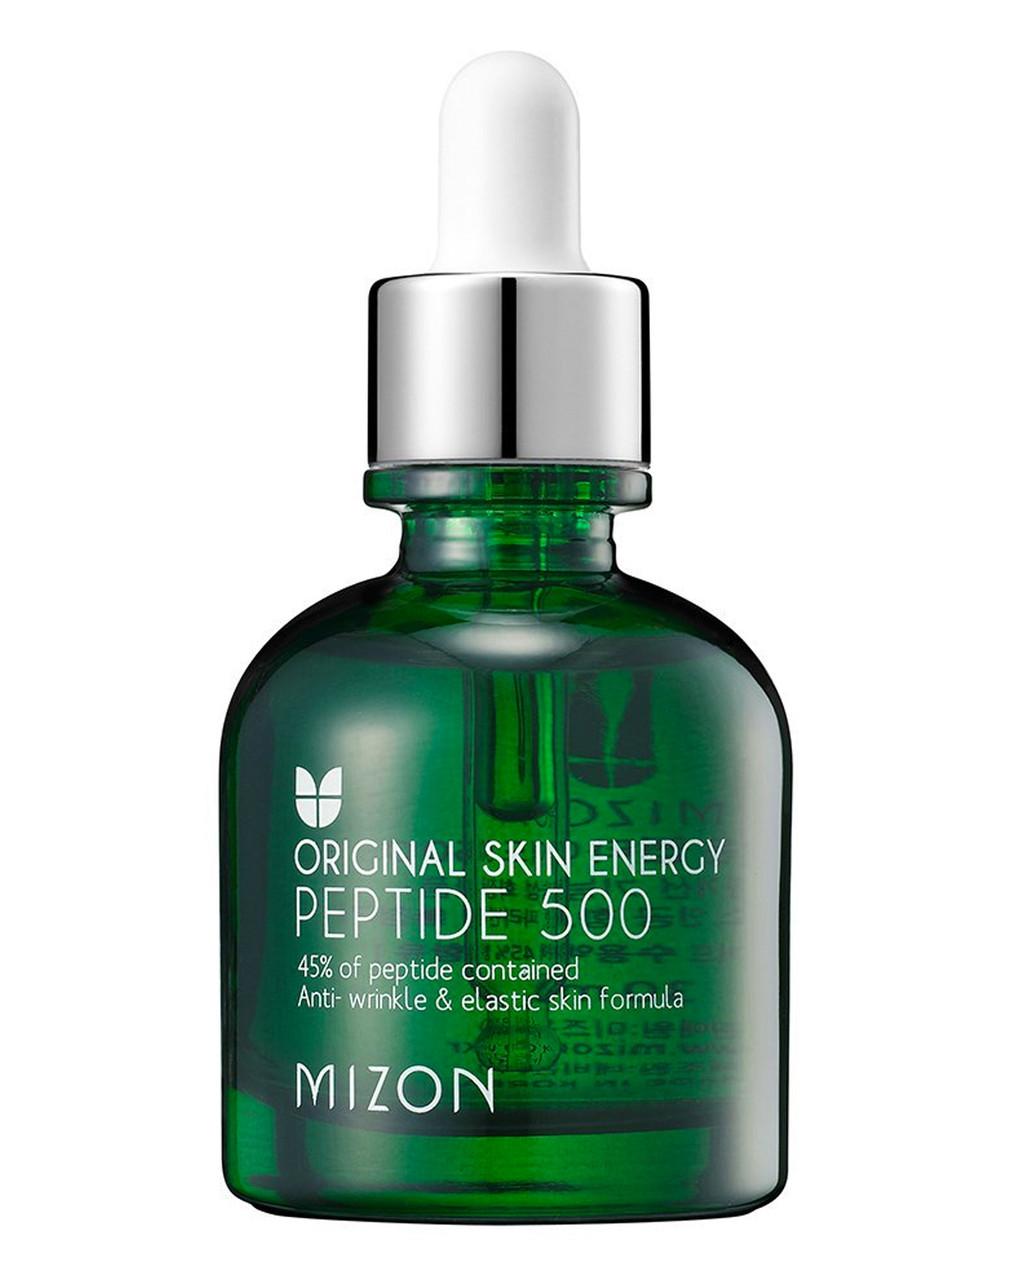 Пептидная сыворотка MIZON Peptide 500, 30 мл